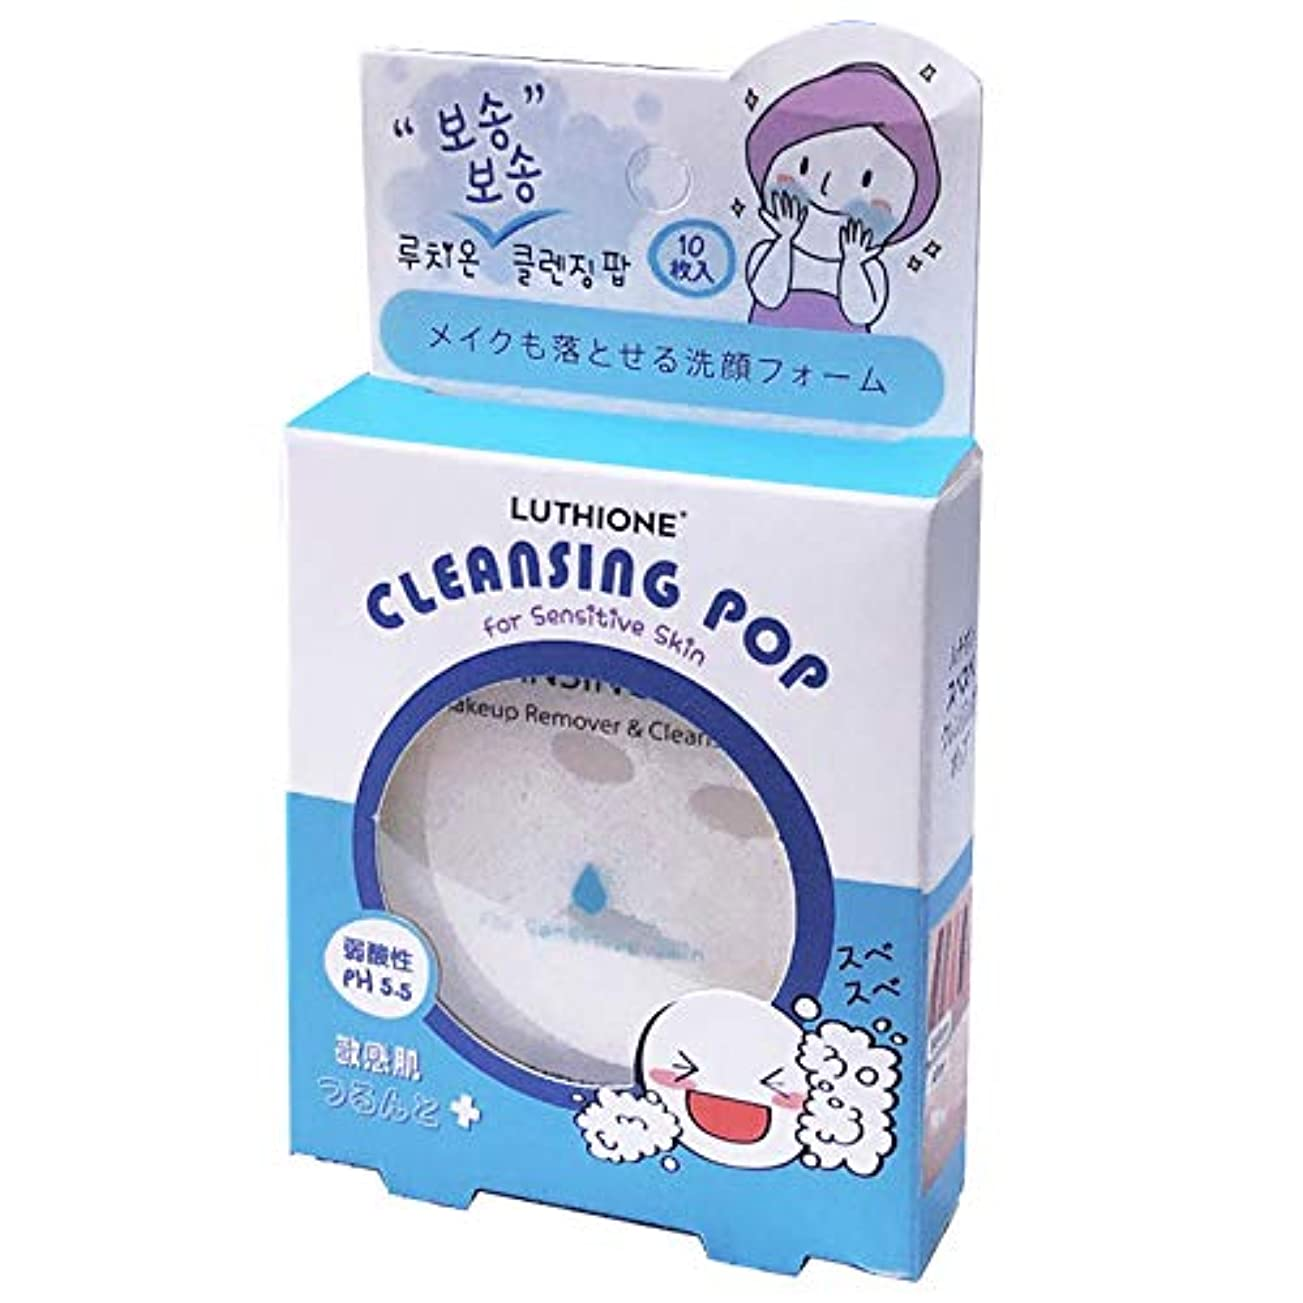 適切に交渉する枯渇【まとめ買い】ルチオン クレンジングポップ (LUTHIONE CLEANSING POP) 敏感肌 10枚入り ×6個